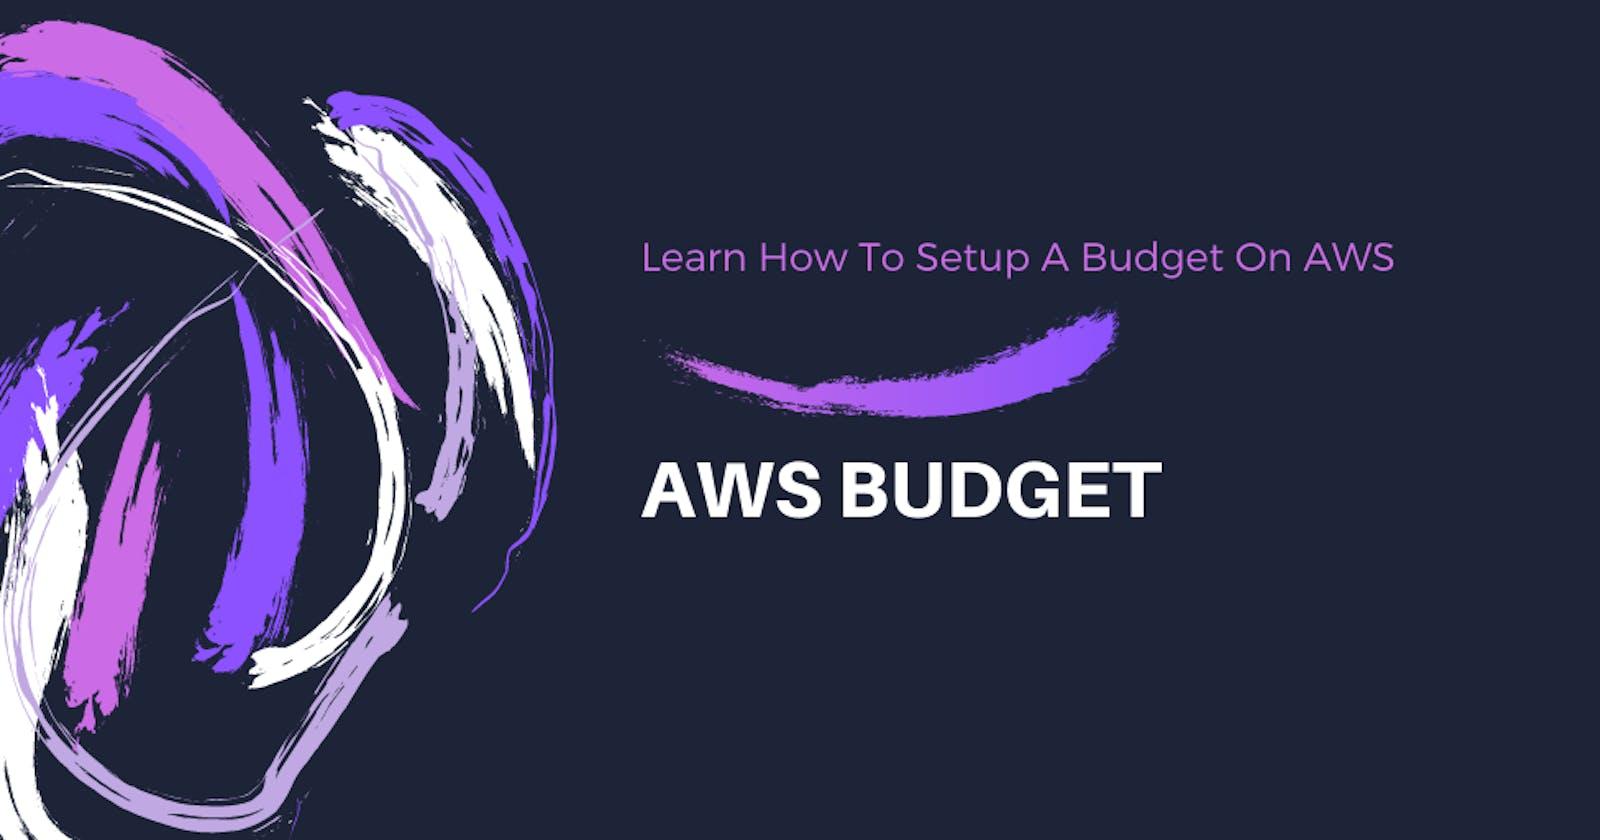 How To Setup A Budget On AWS